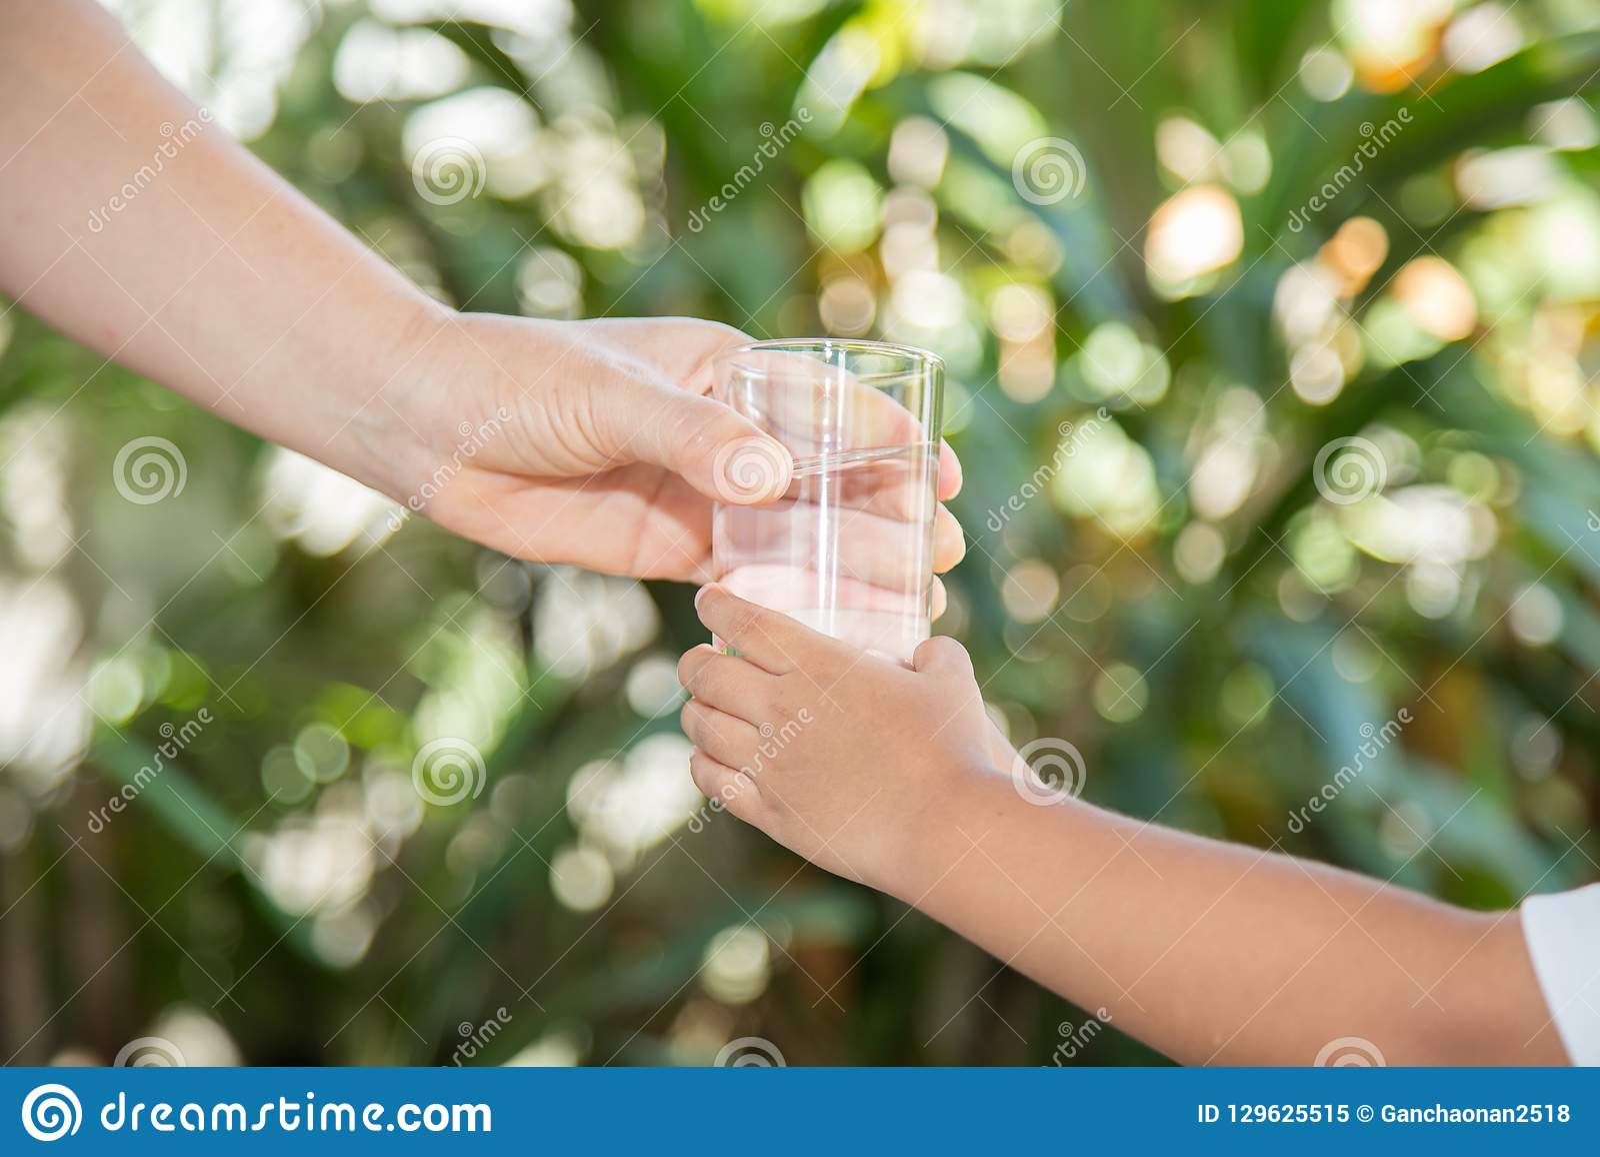 Handen av en kvinna rymmer ett exponeringsglas till pojkens hand